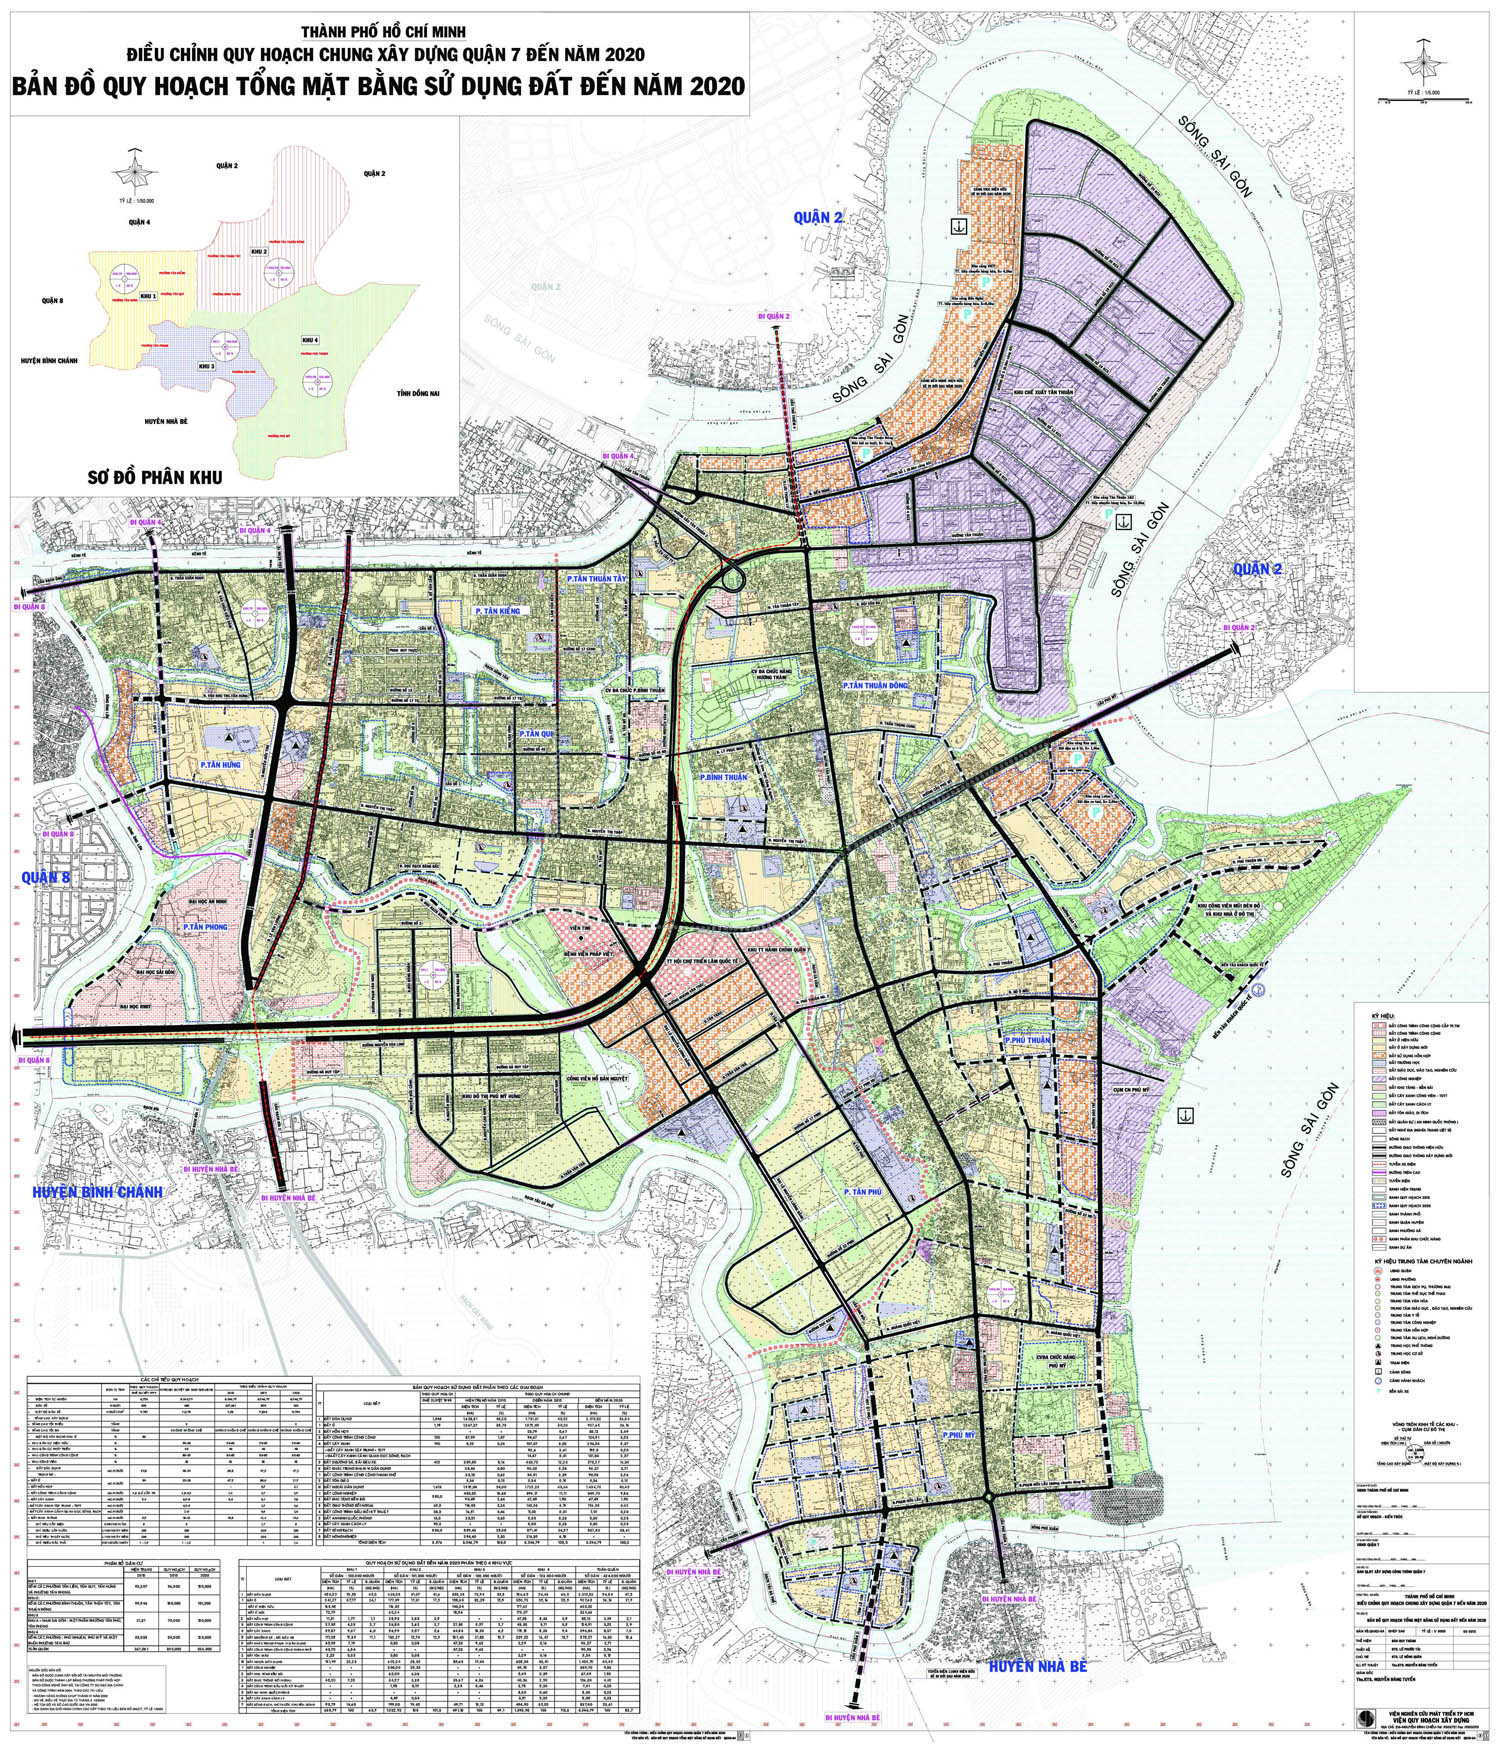 Bản đồ quy hoạch, các phường và dự án tại quận 7